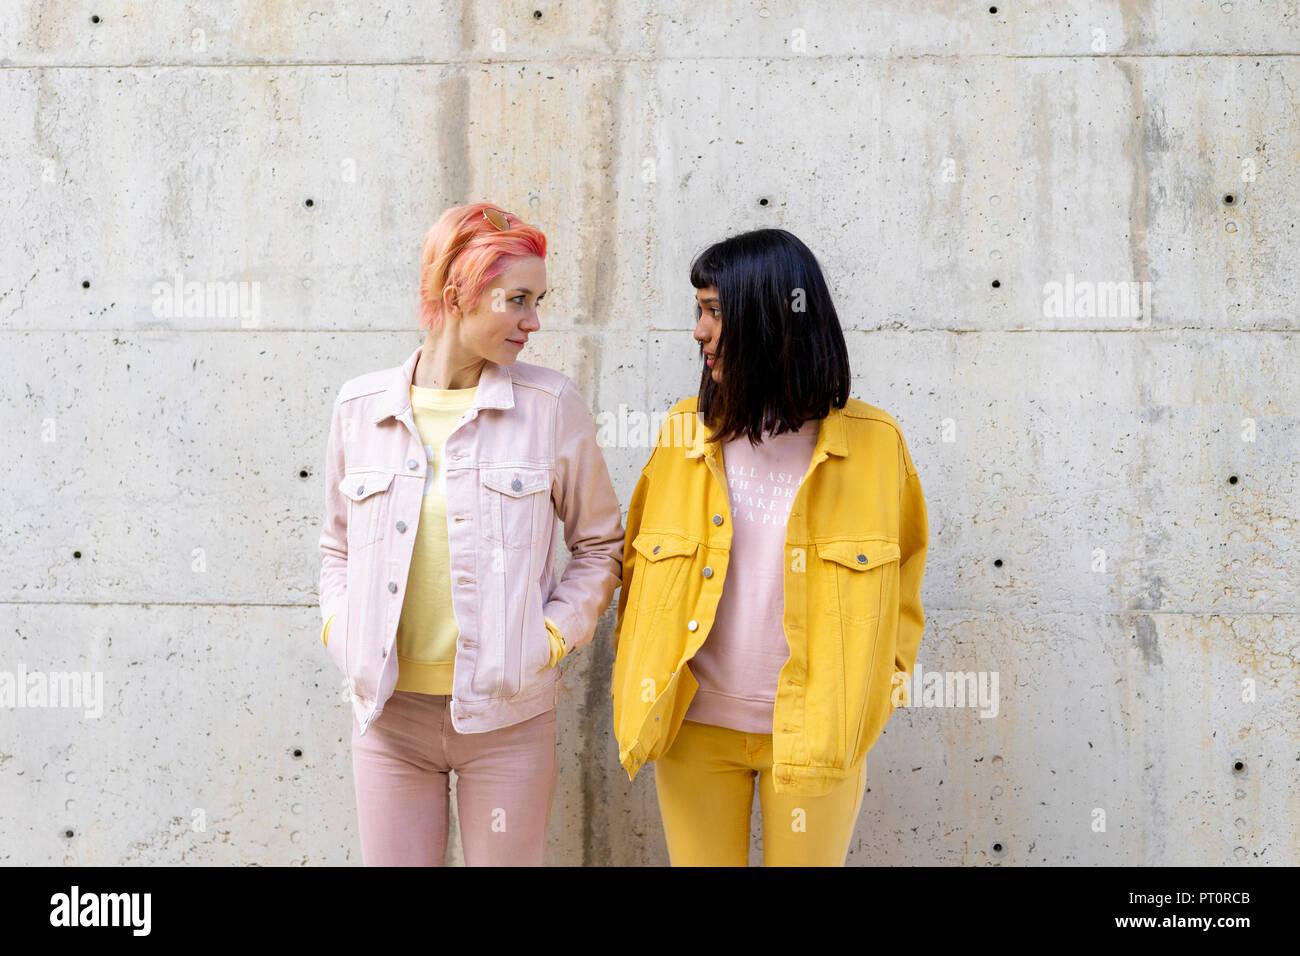 Zwei alternative Freunde Spaß haben, tragen gelbe und rosa jeans Kleidung, von Angesicht zu Angesicht Stockbild